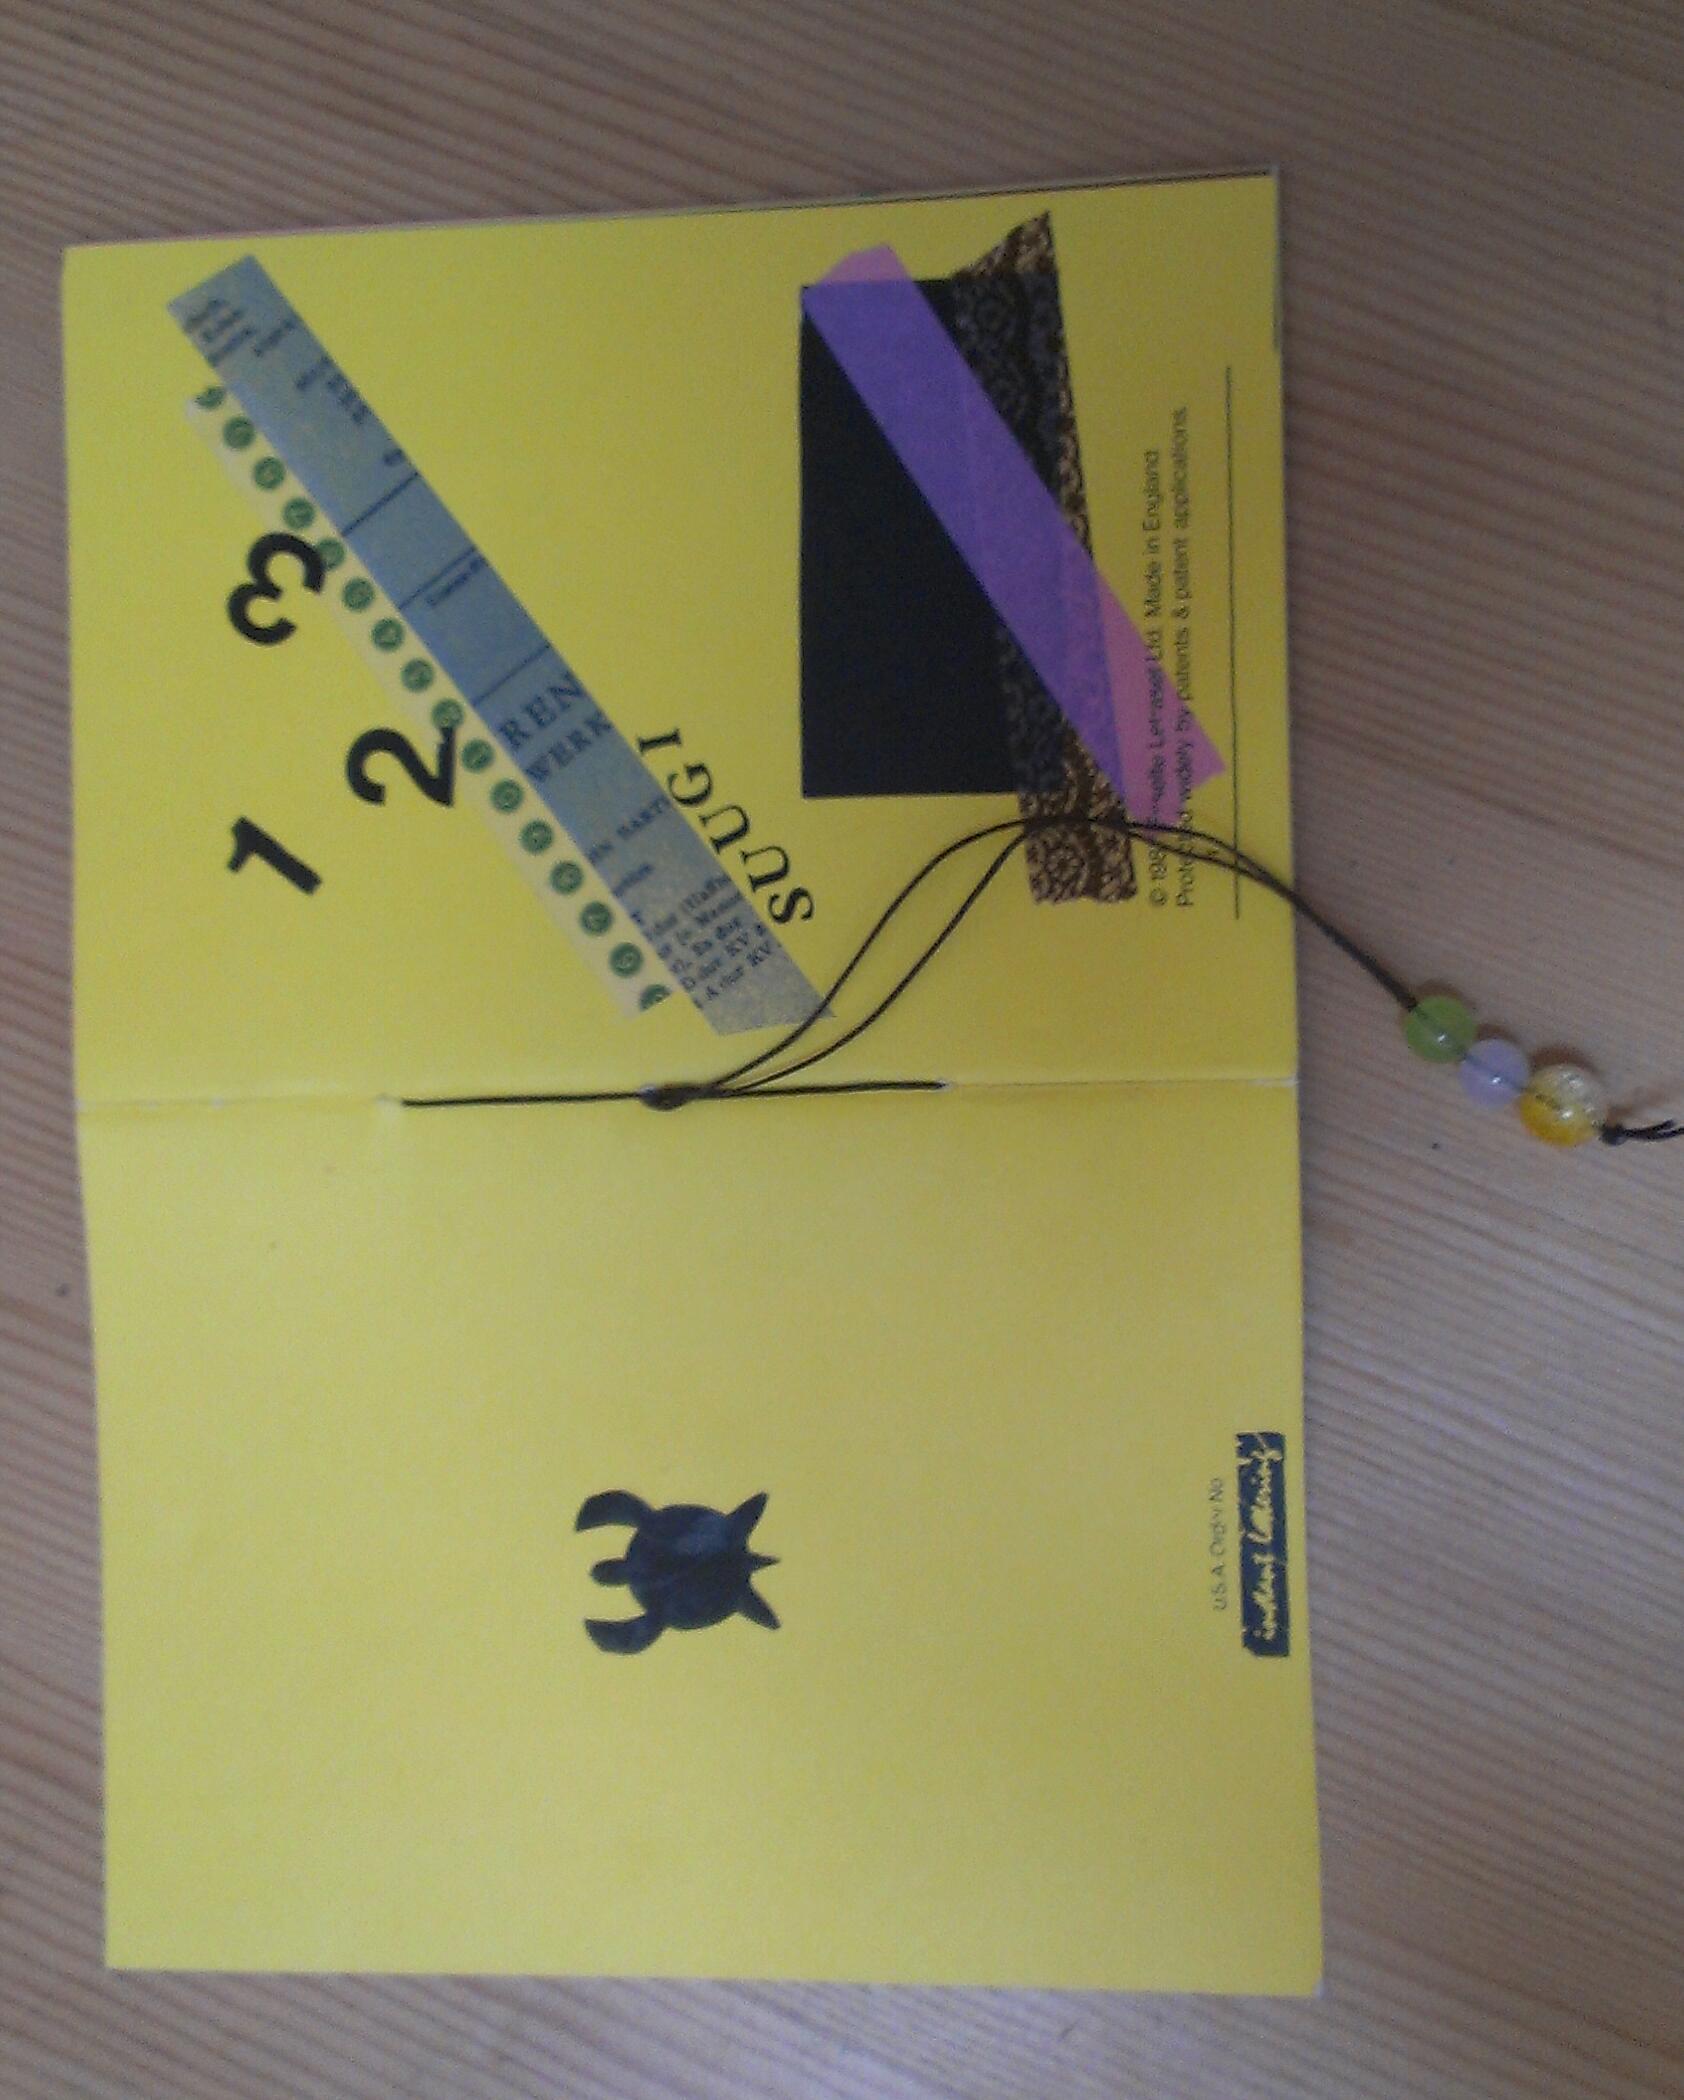 ペーパークラフト講座〜数字と形の絵本〜